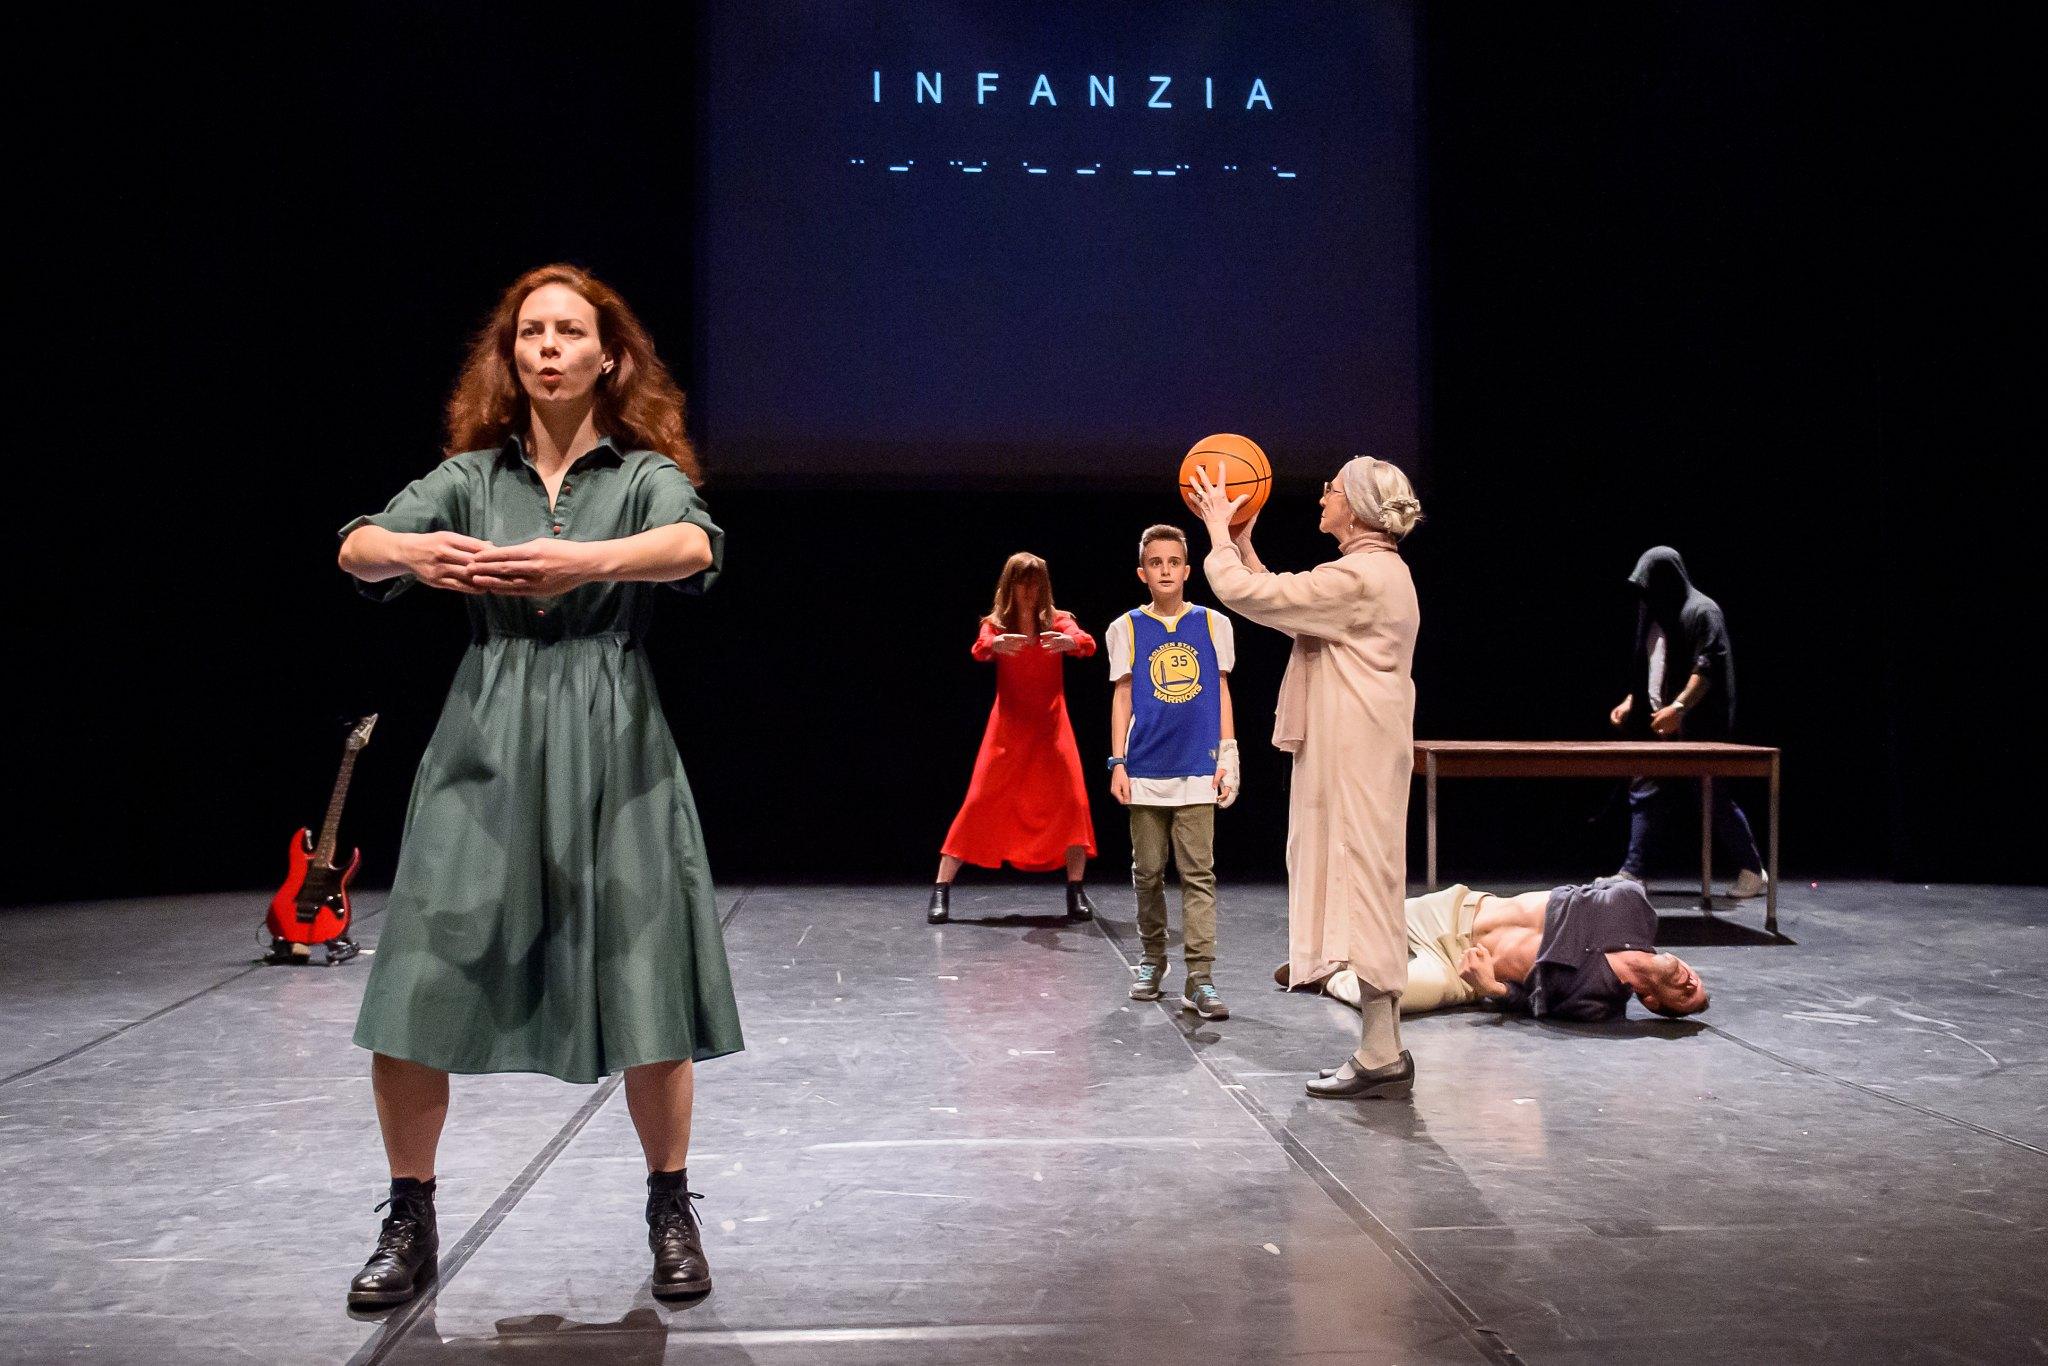 Teatro Franco Parenti - La banca dei sogni. 29 Settembre - 3 Ottobre 2021